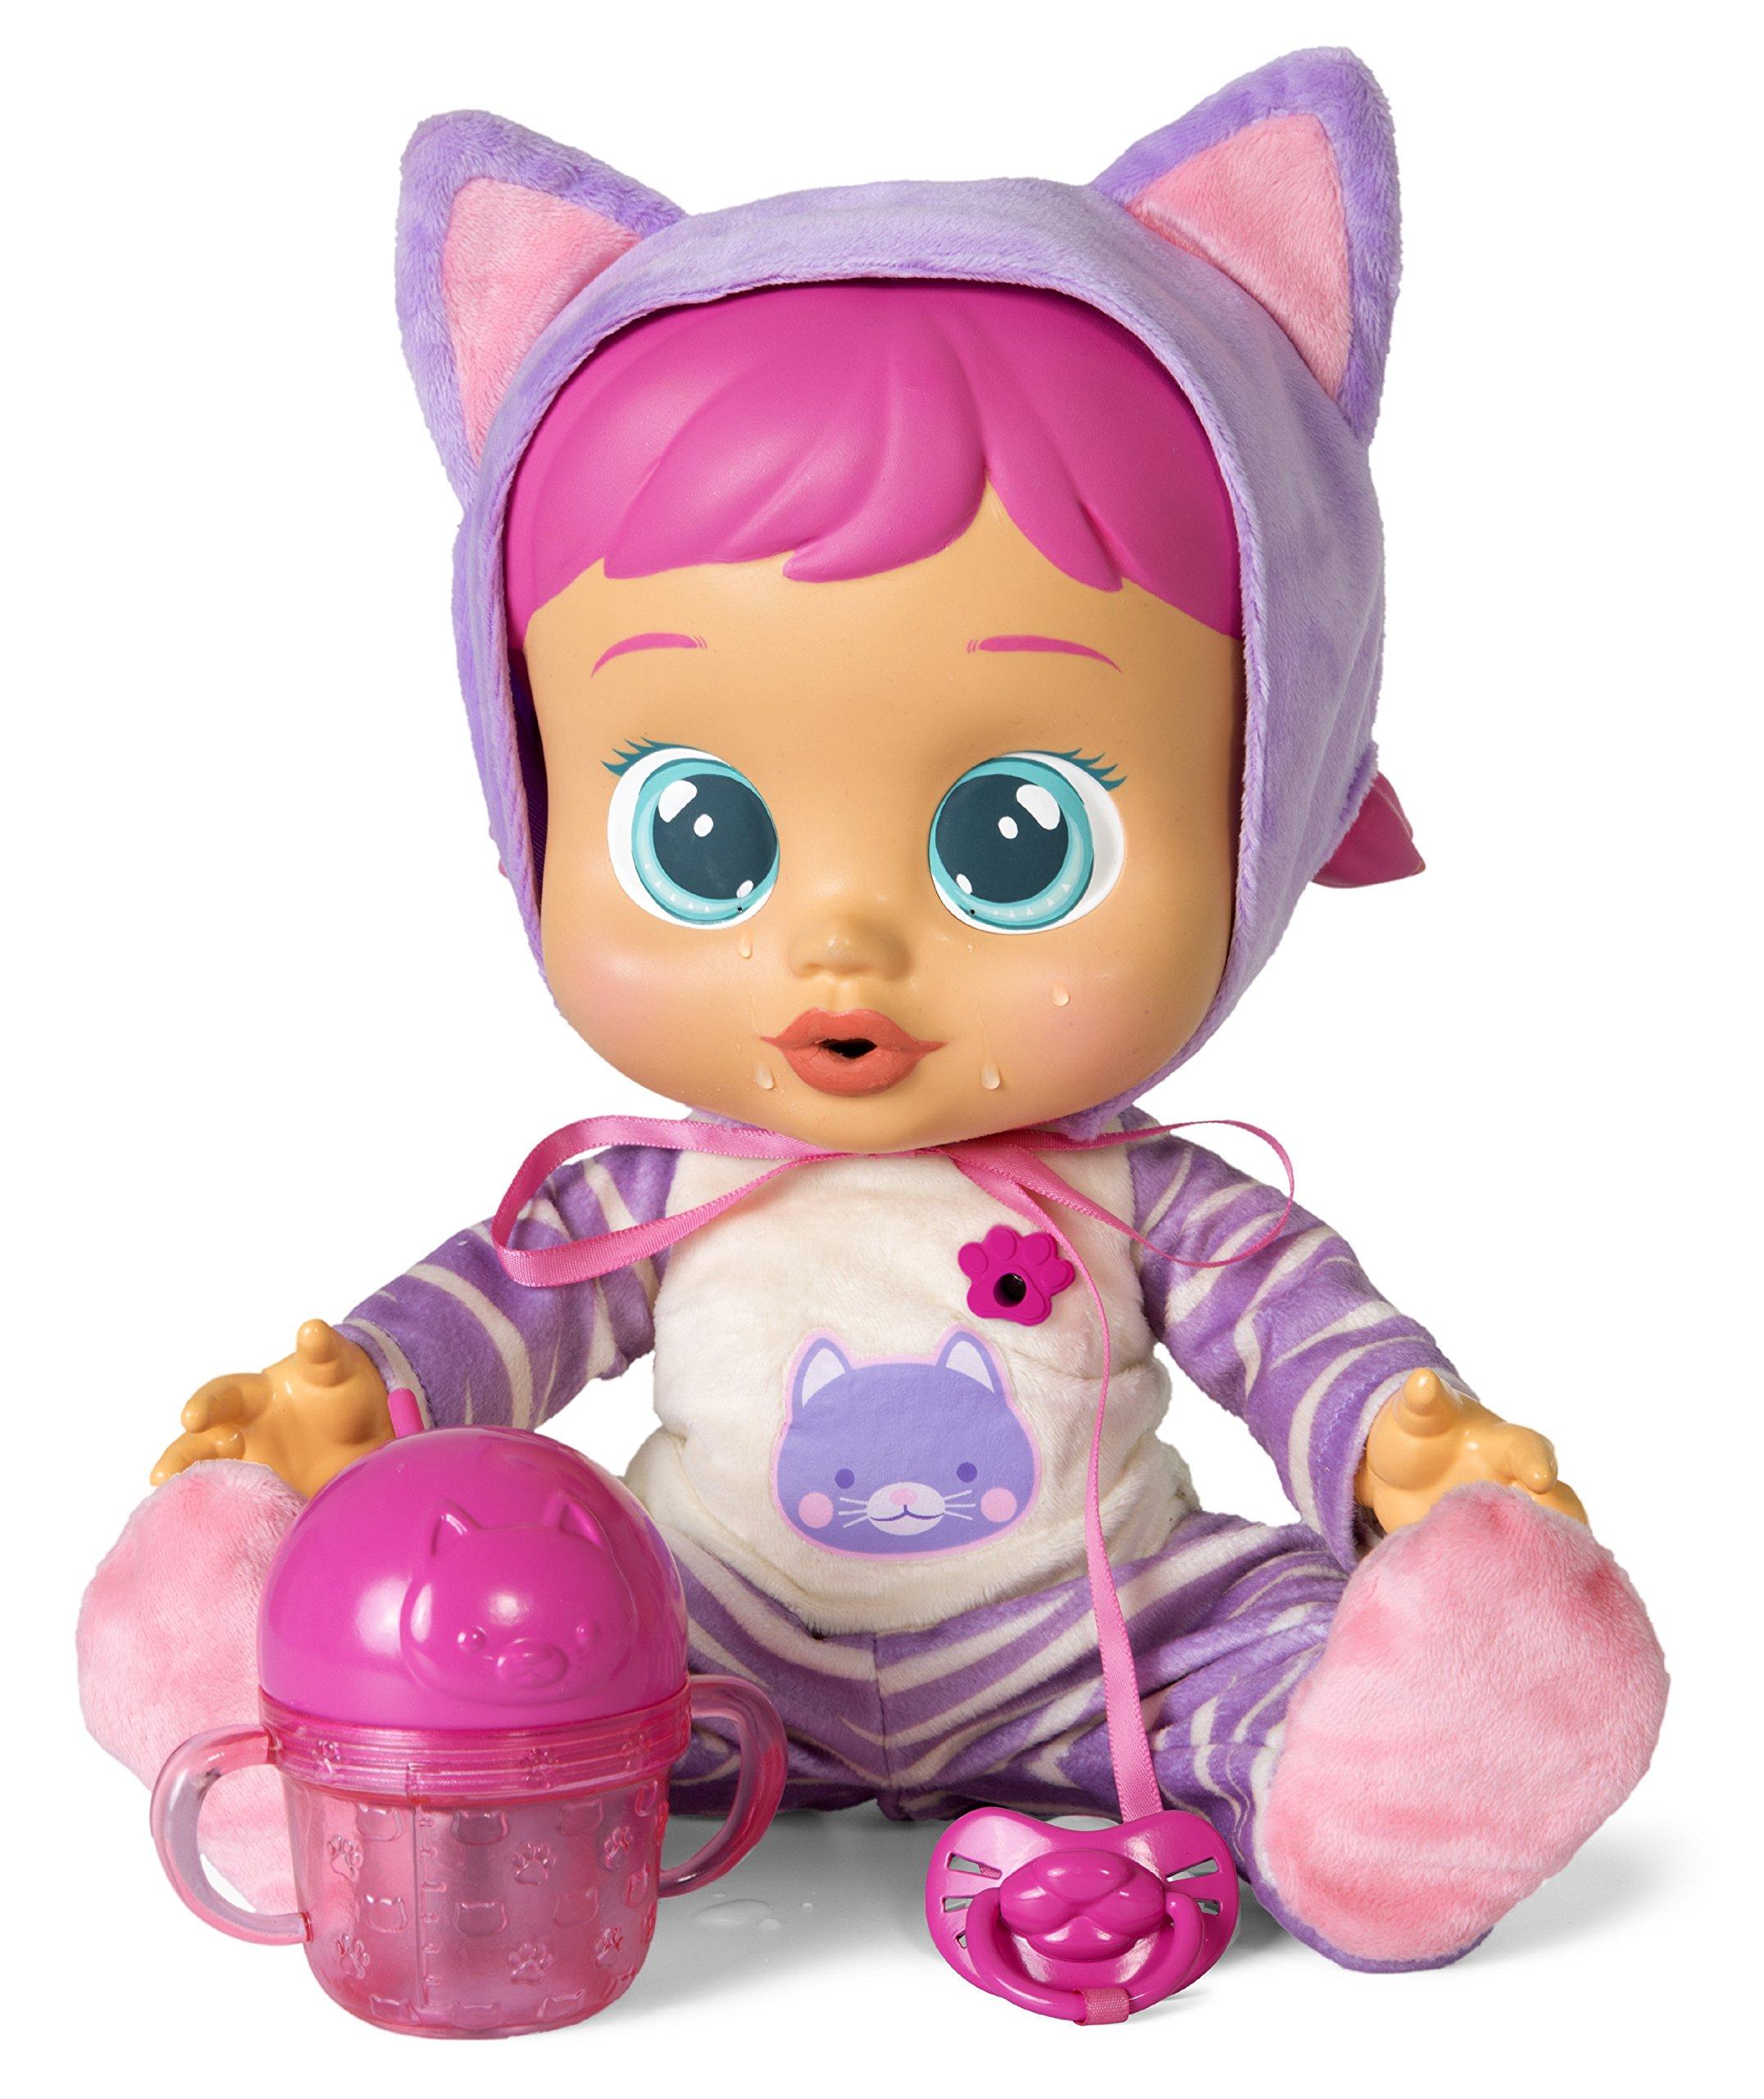 Imc Toys Bebés Llorones Katie 95939 Tienda Juguetes El Mayor Catálogo Online De Juguetes